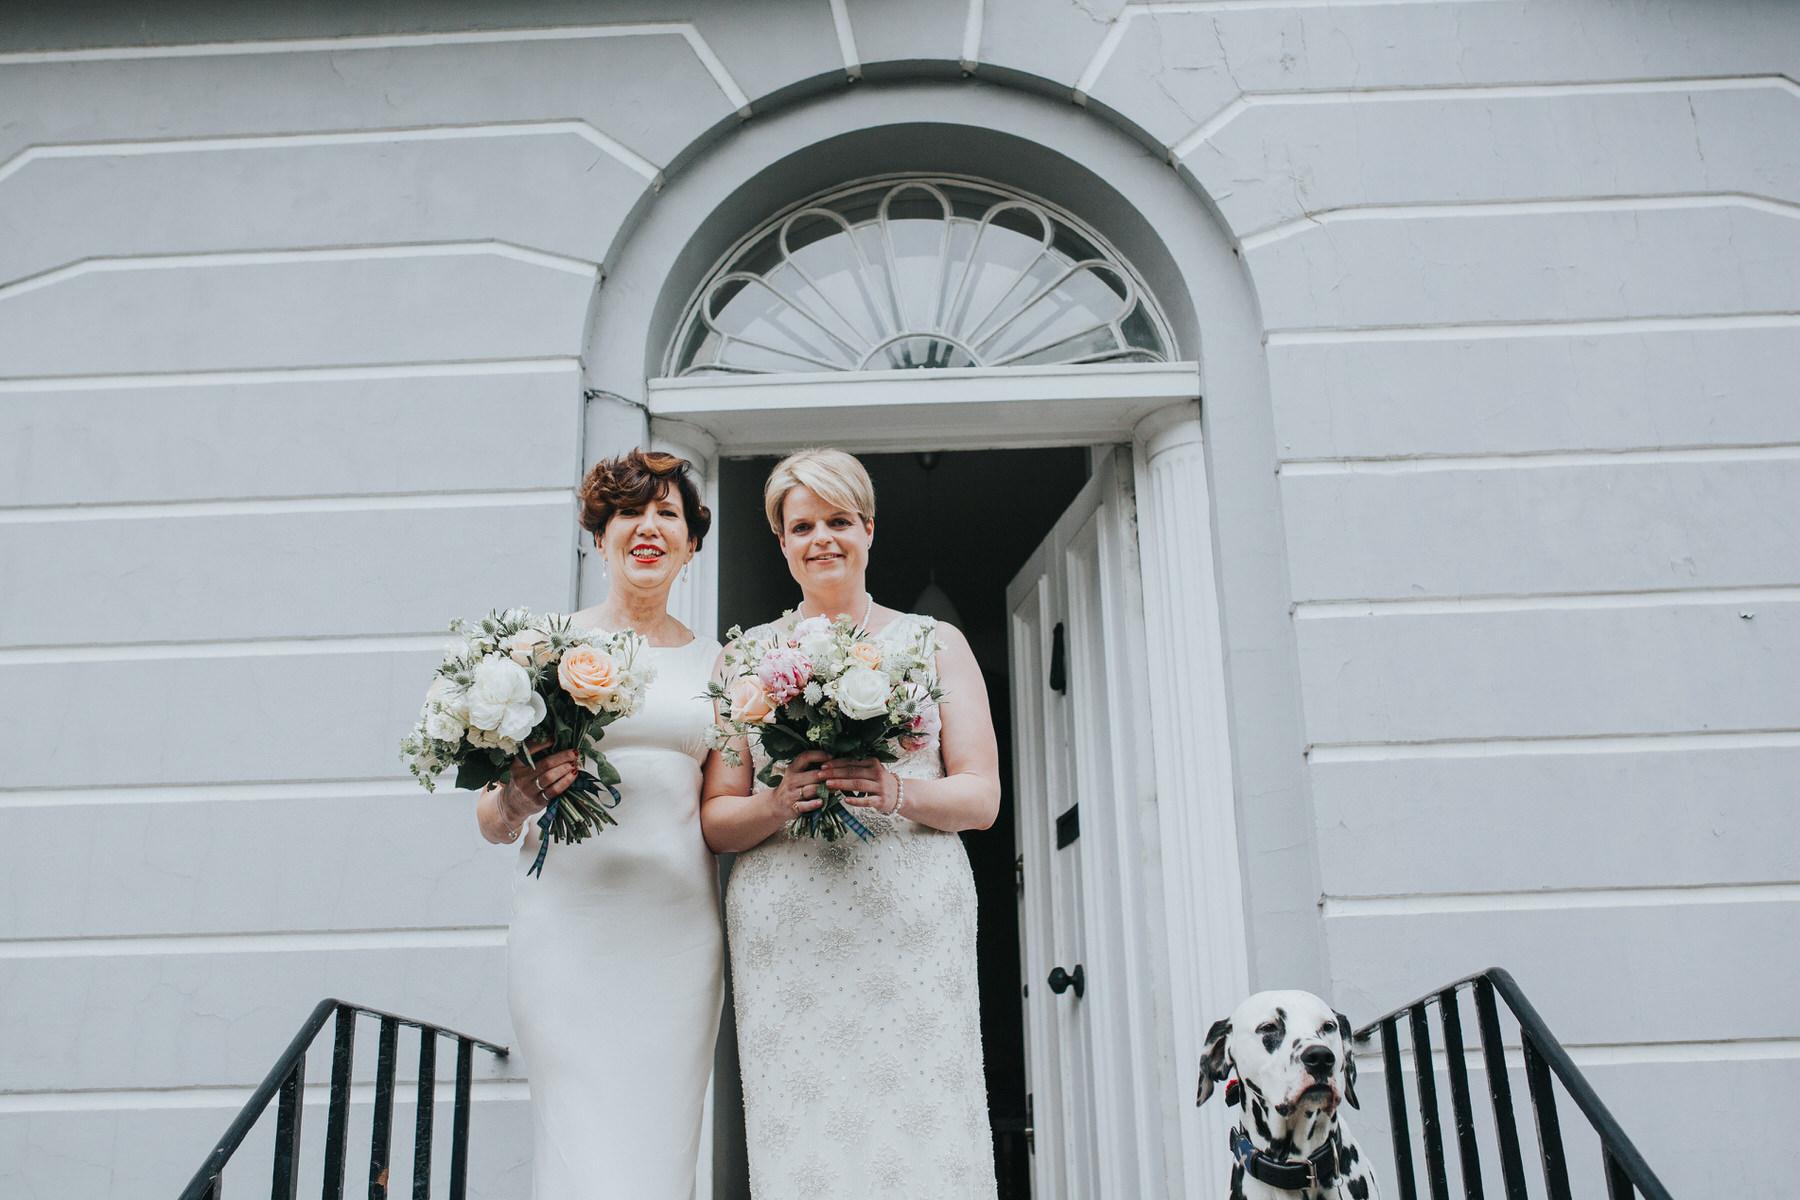 67 two brides wedding portraits grey wall dalmatian dog.jpg